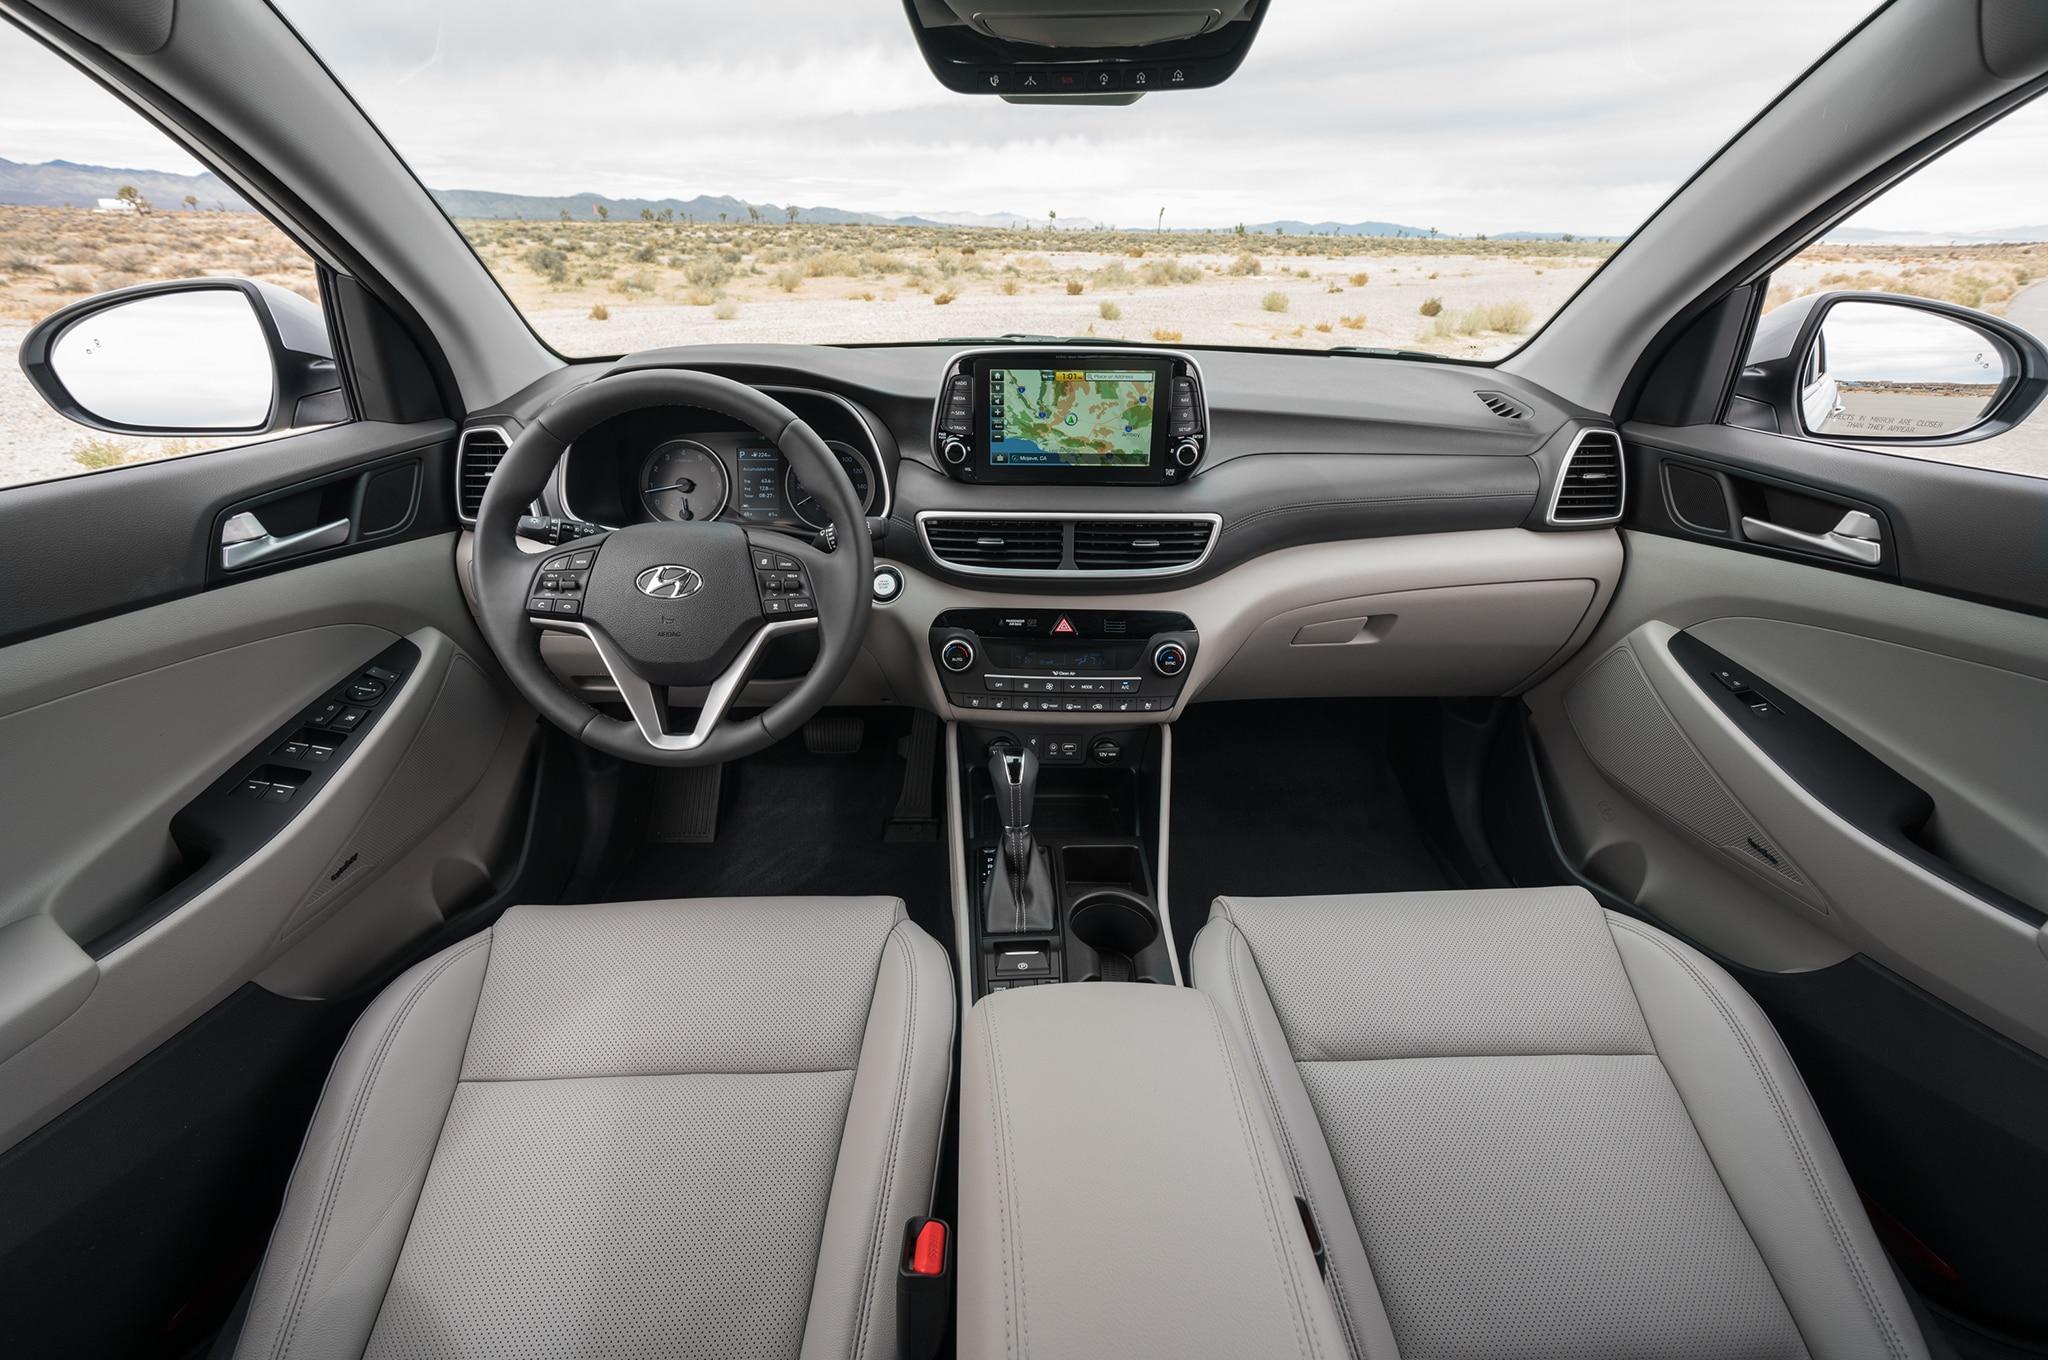 2019 Hyundai Tucson Dashboard 01 Motor Trend En Espa 241 Ol